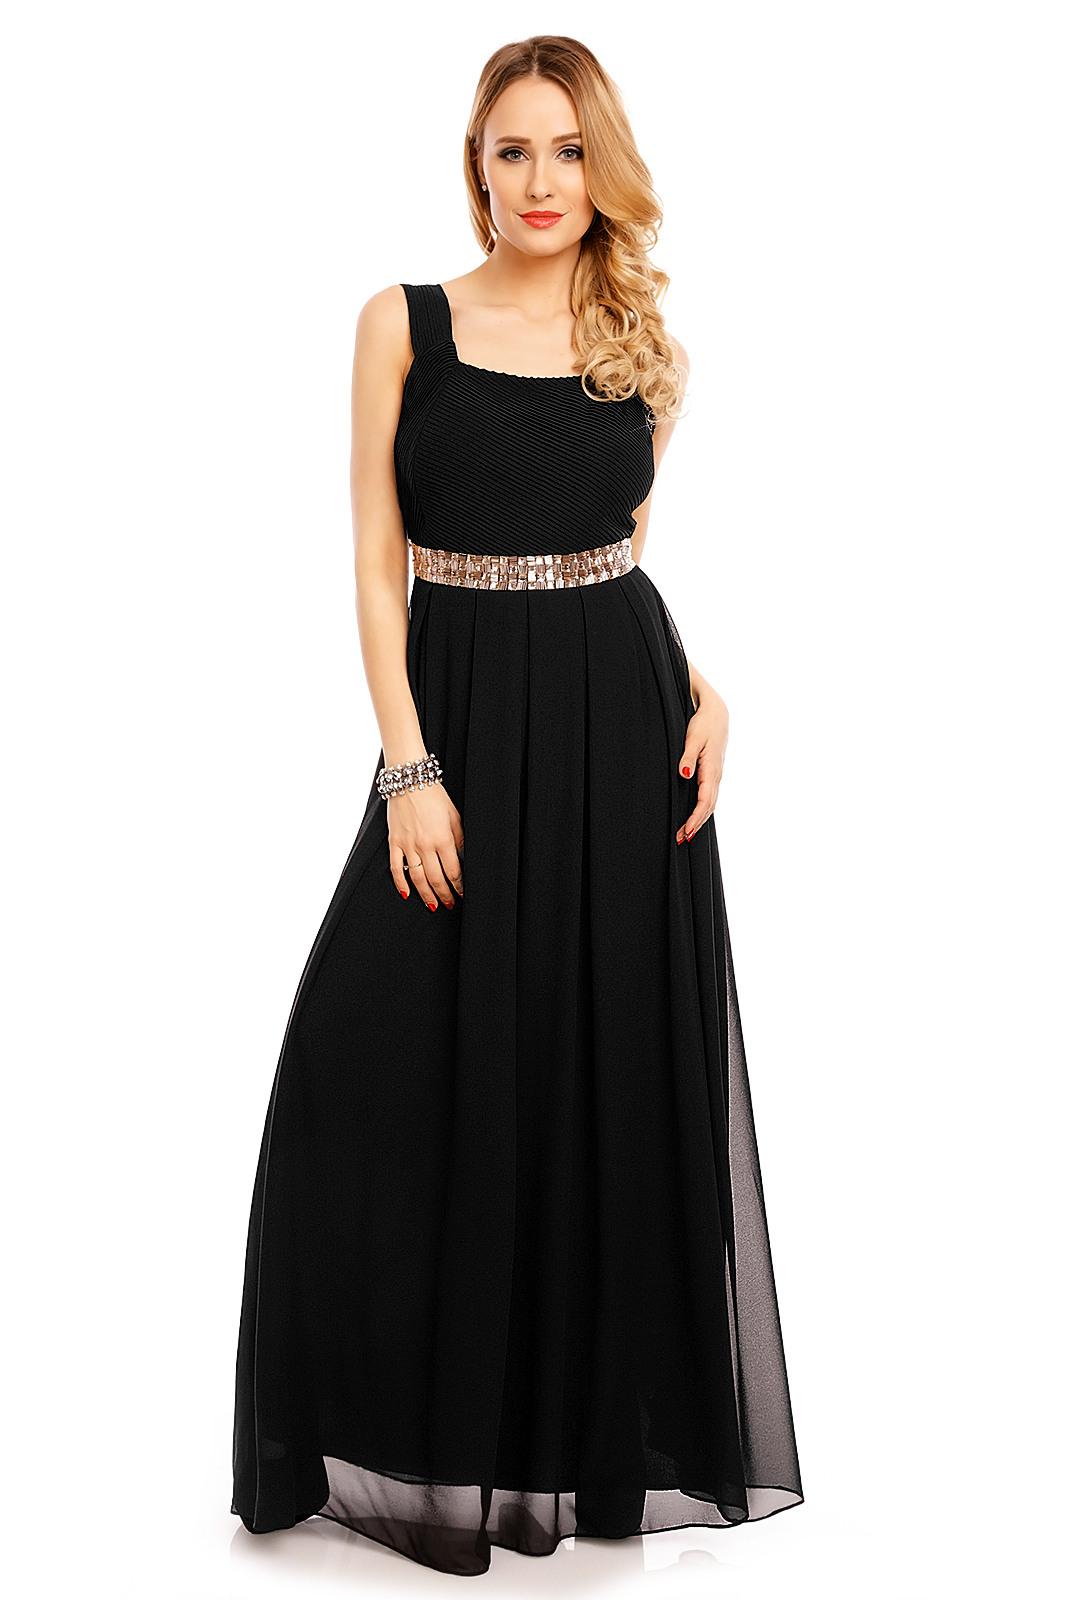 Abend Top Elegantes Abendkleid Schwarz Bester PreisAbend Einfach Elegantes Abendkleid Schwarz Stylish